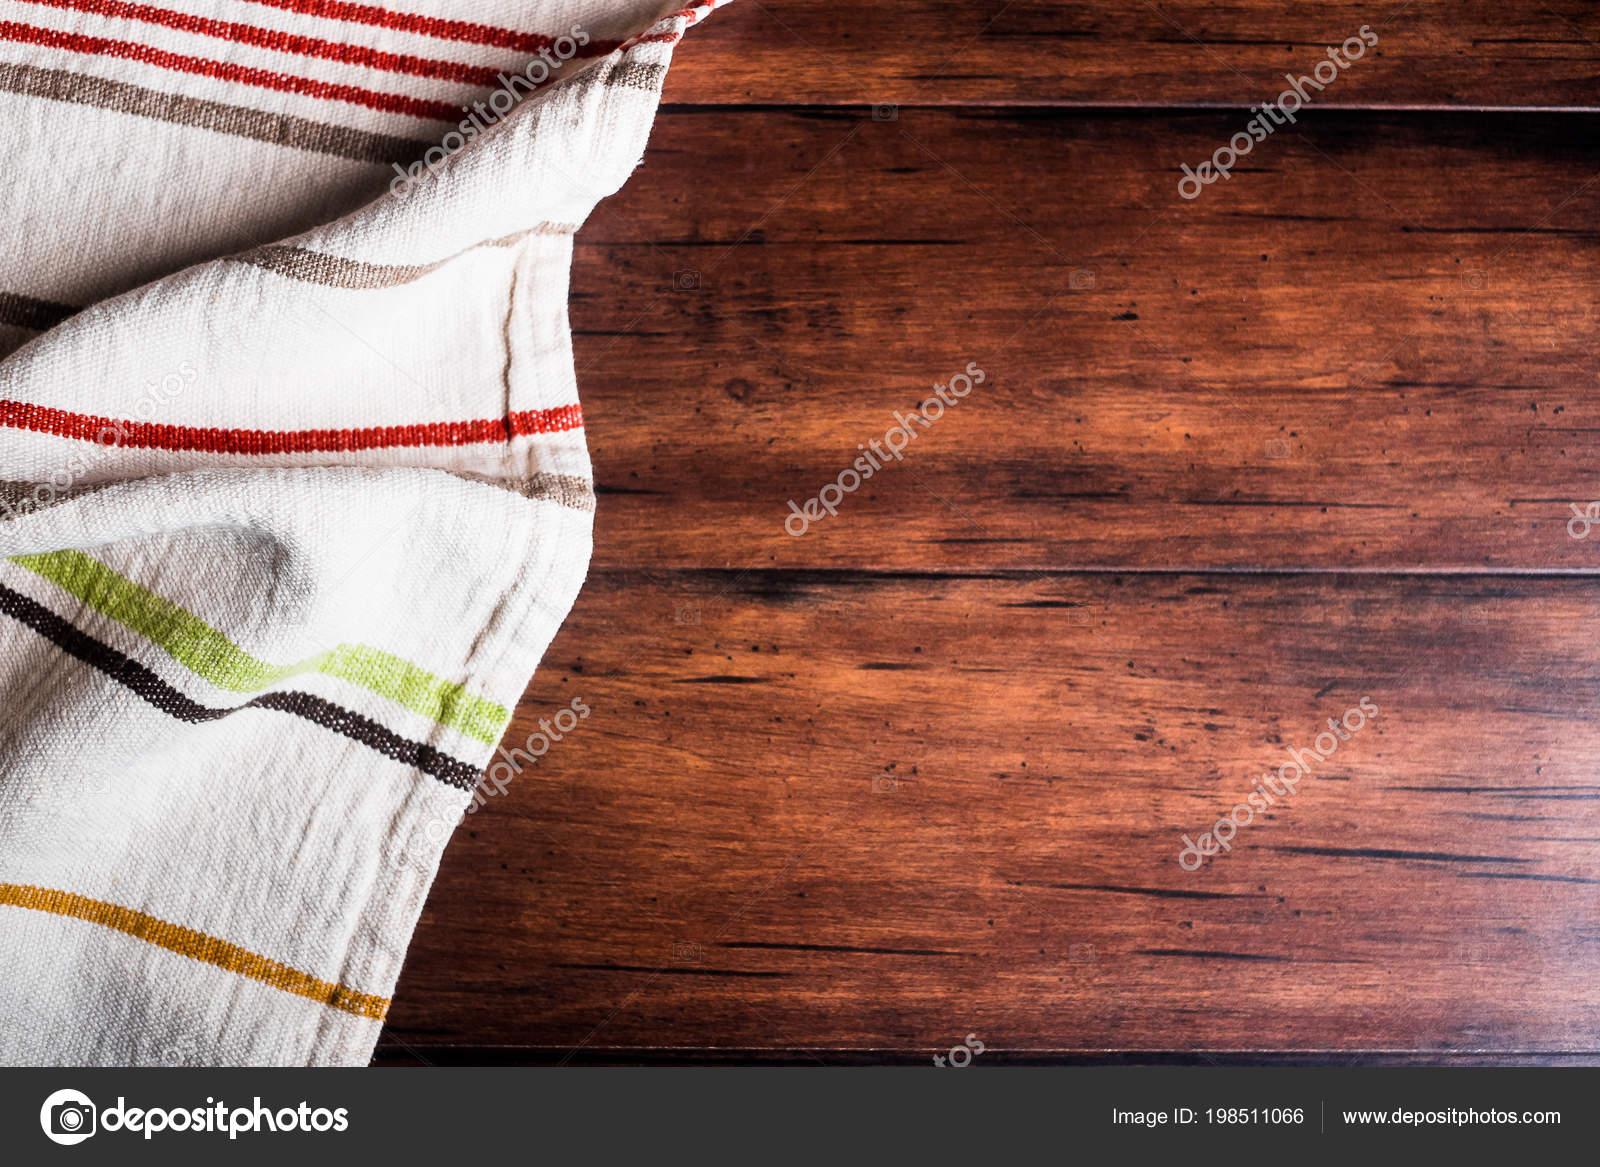 Bunt Gestreifte Bettwäsche Serviette Auf Eine Alte Hölzerne Braunen